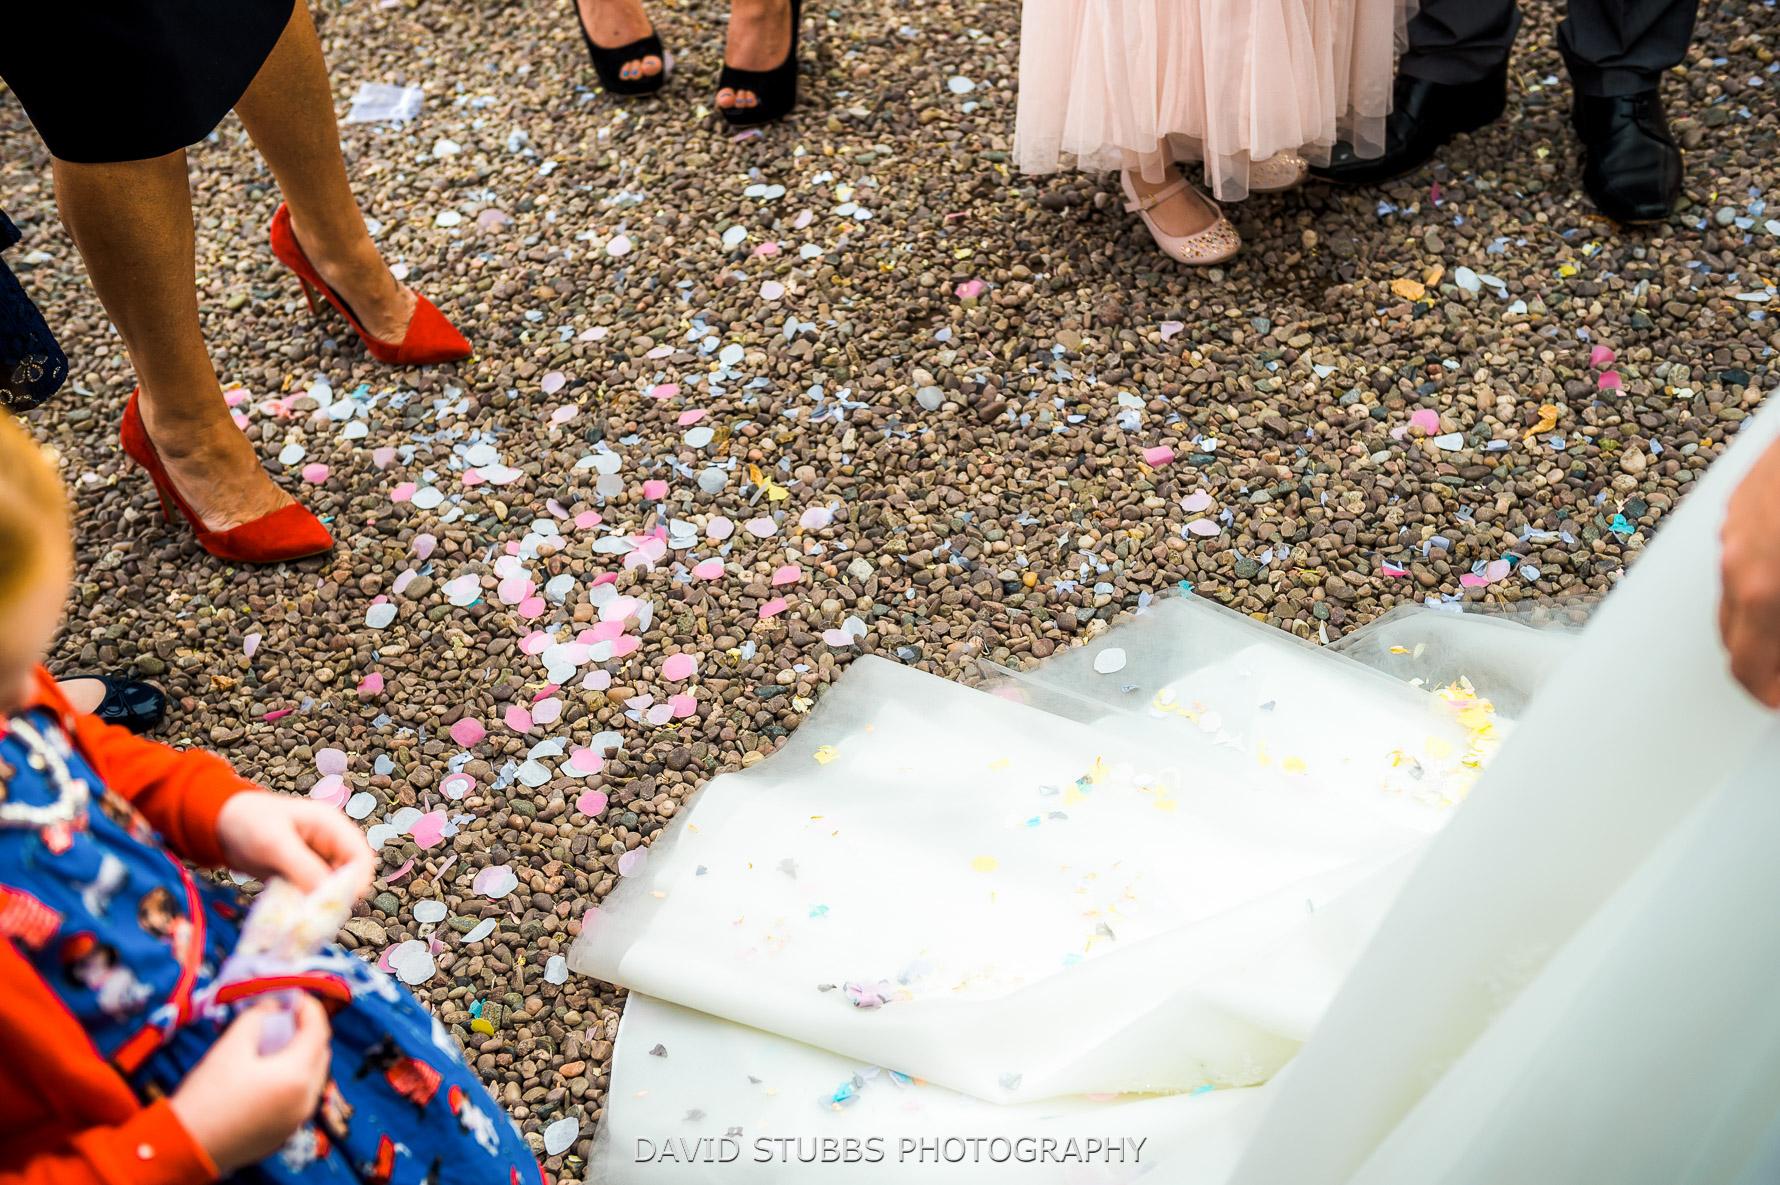 posh shoes and confetti